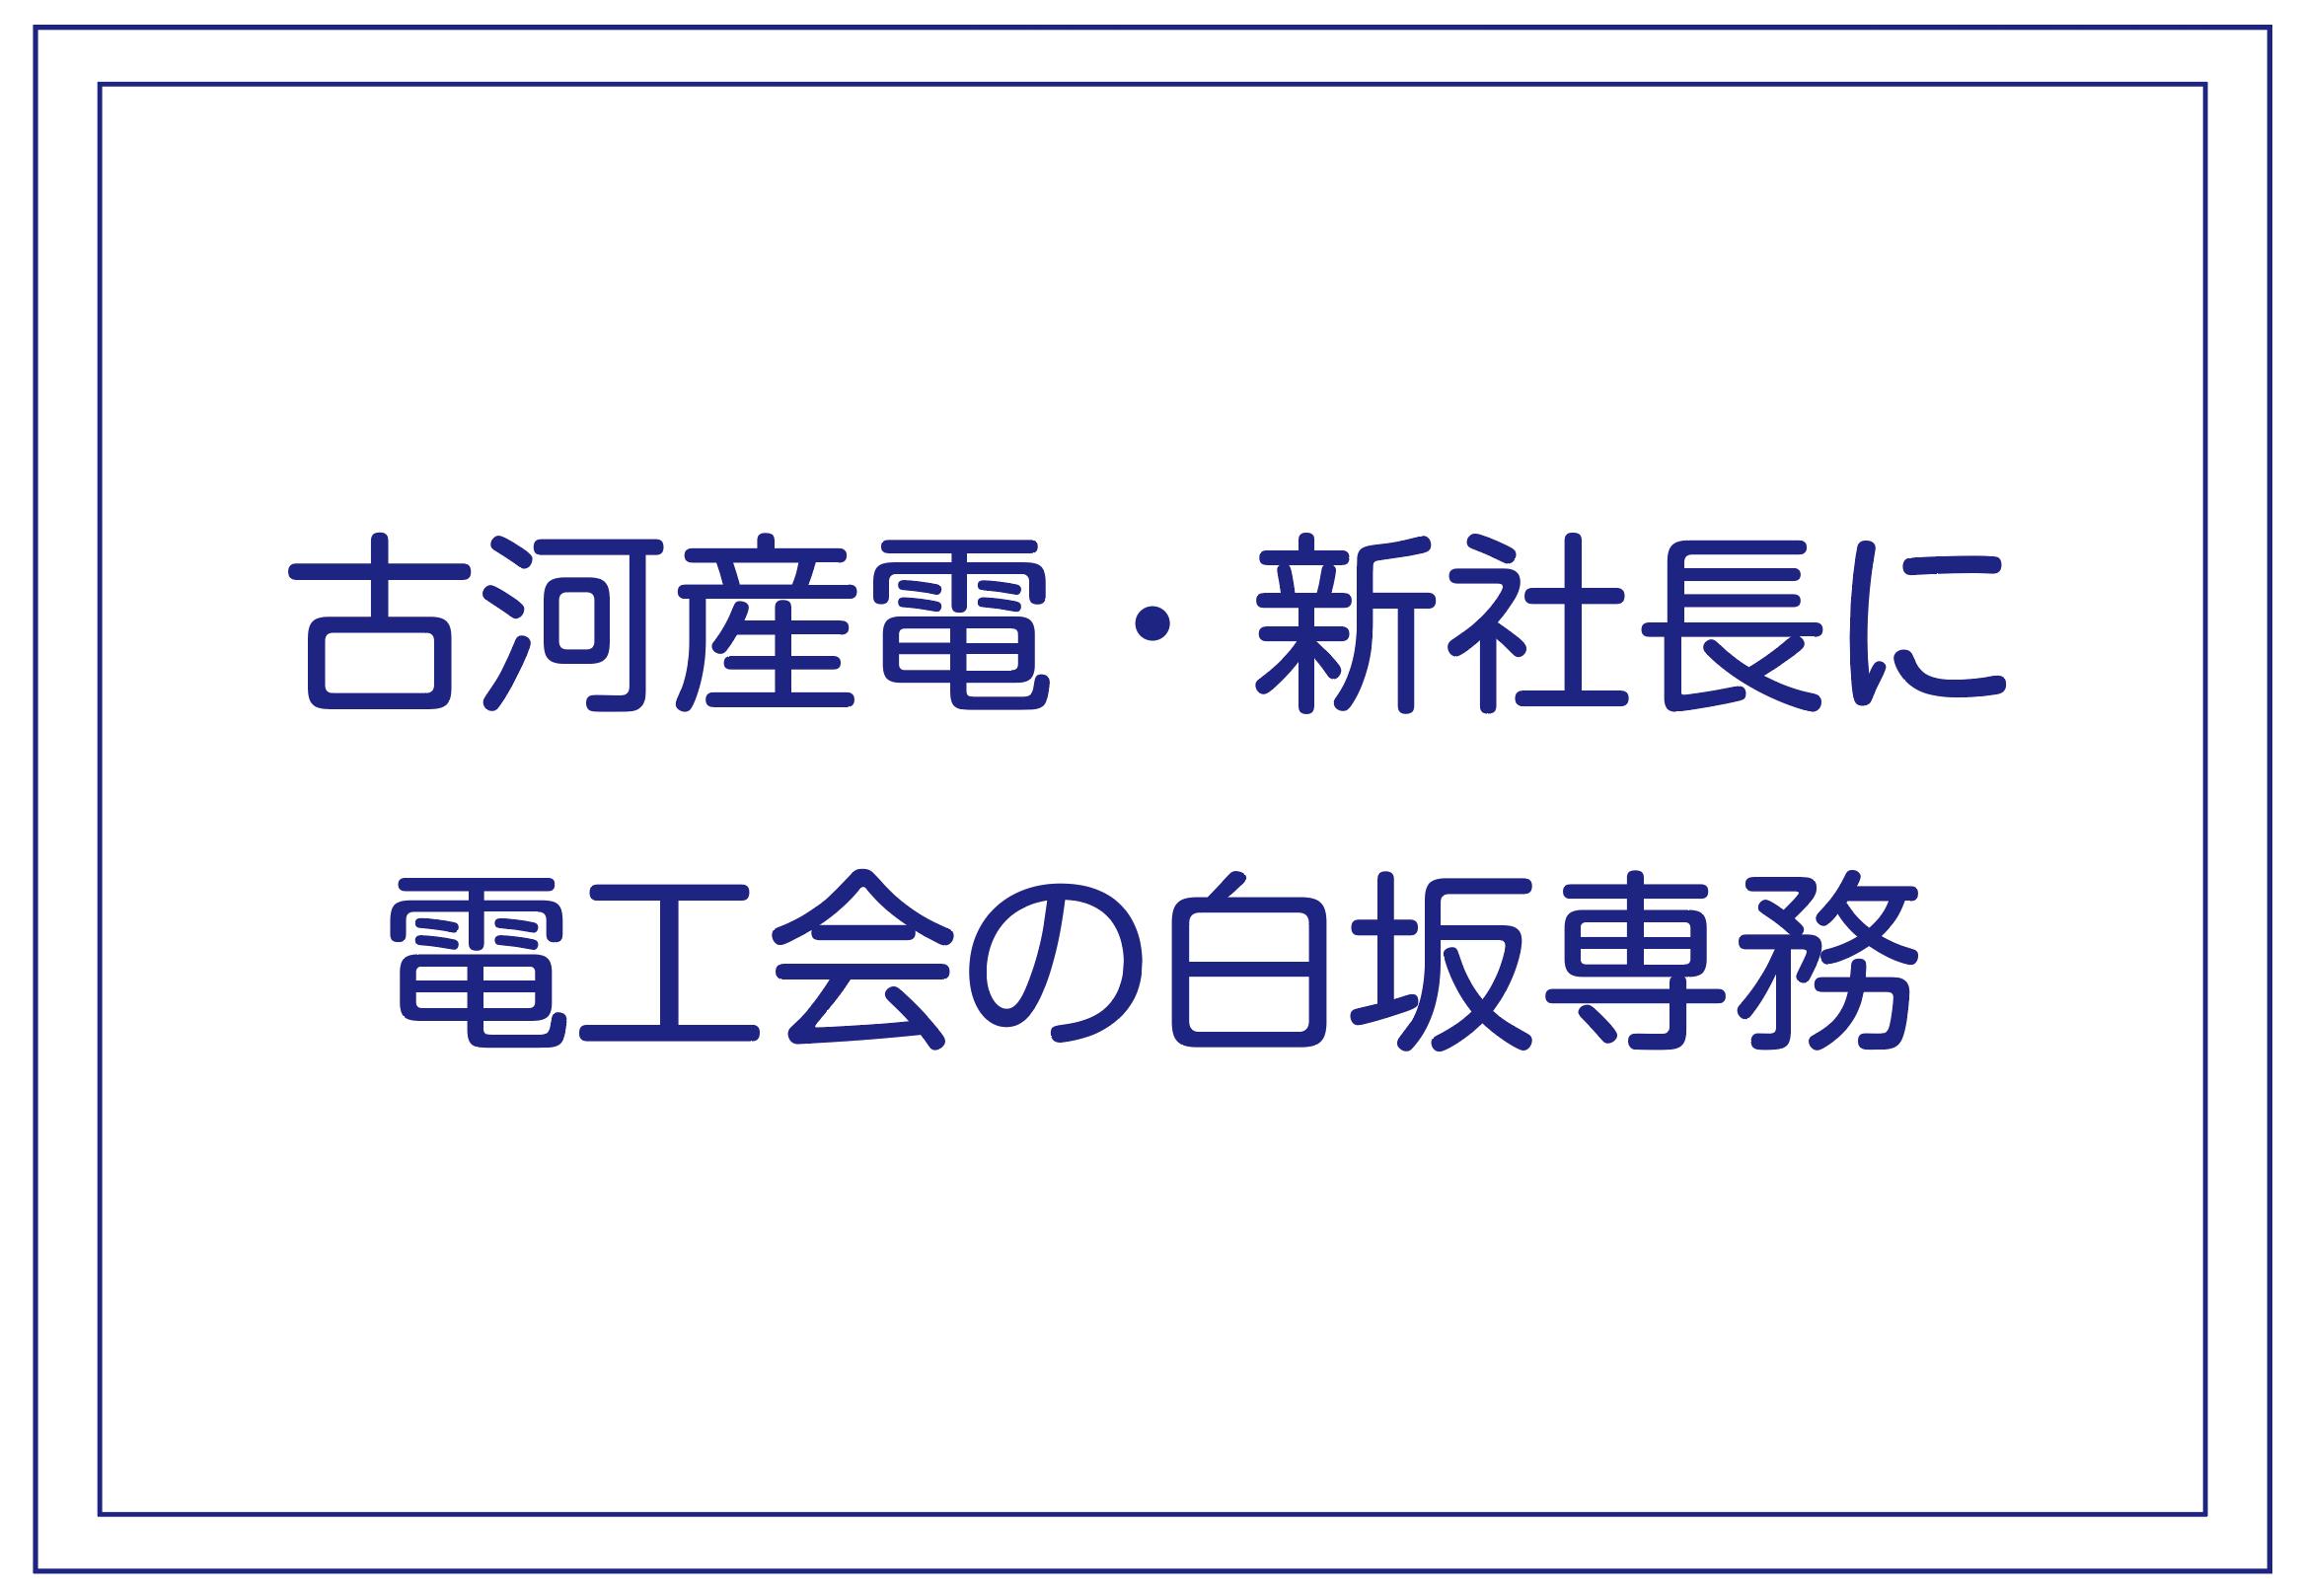 古河産電・新社長に 電工会の白坂専務の画像